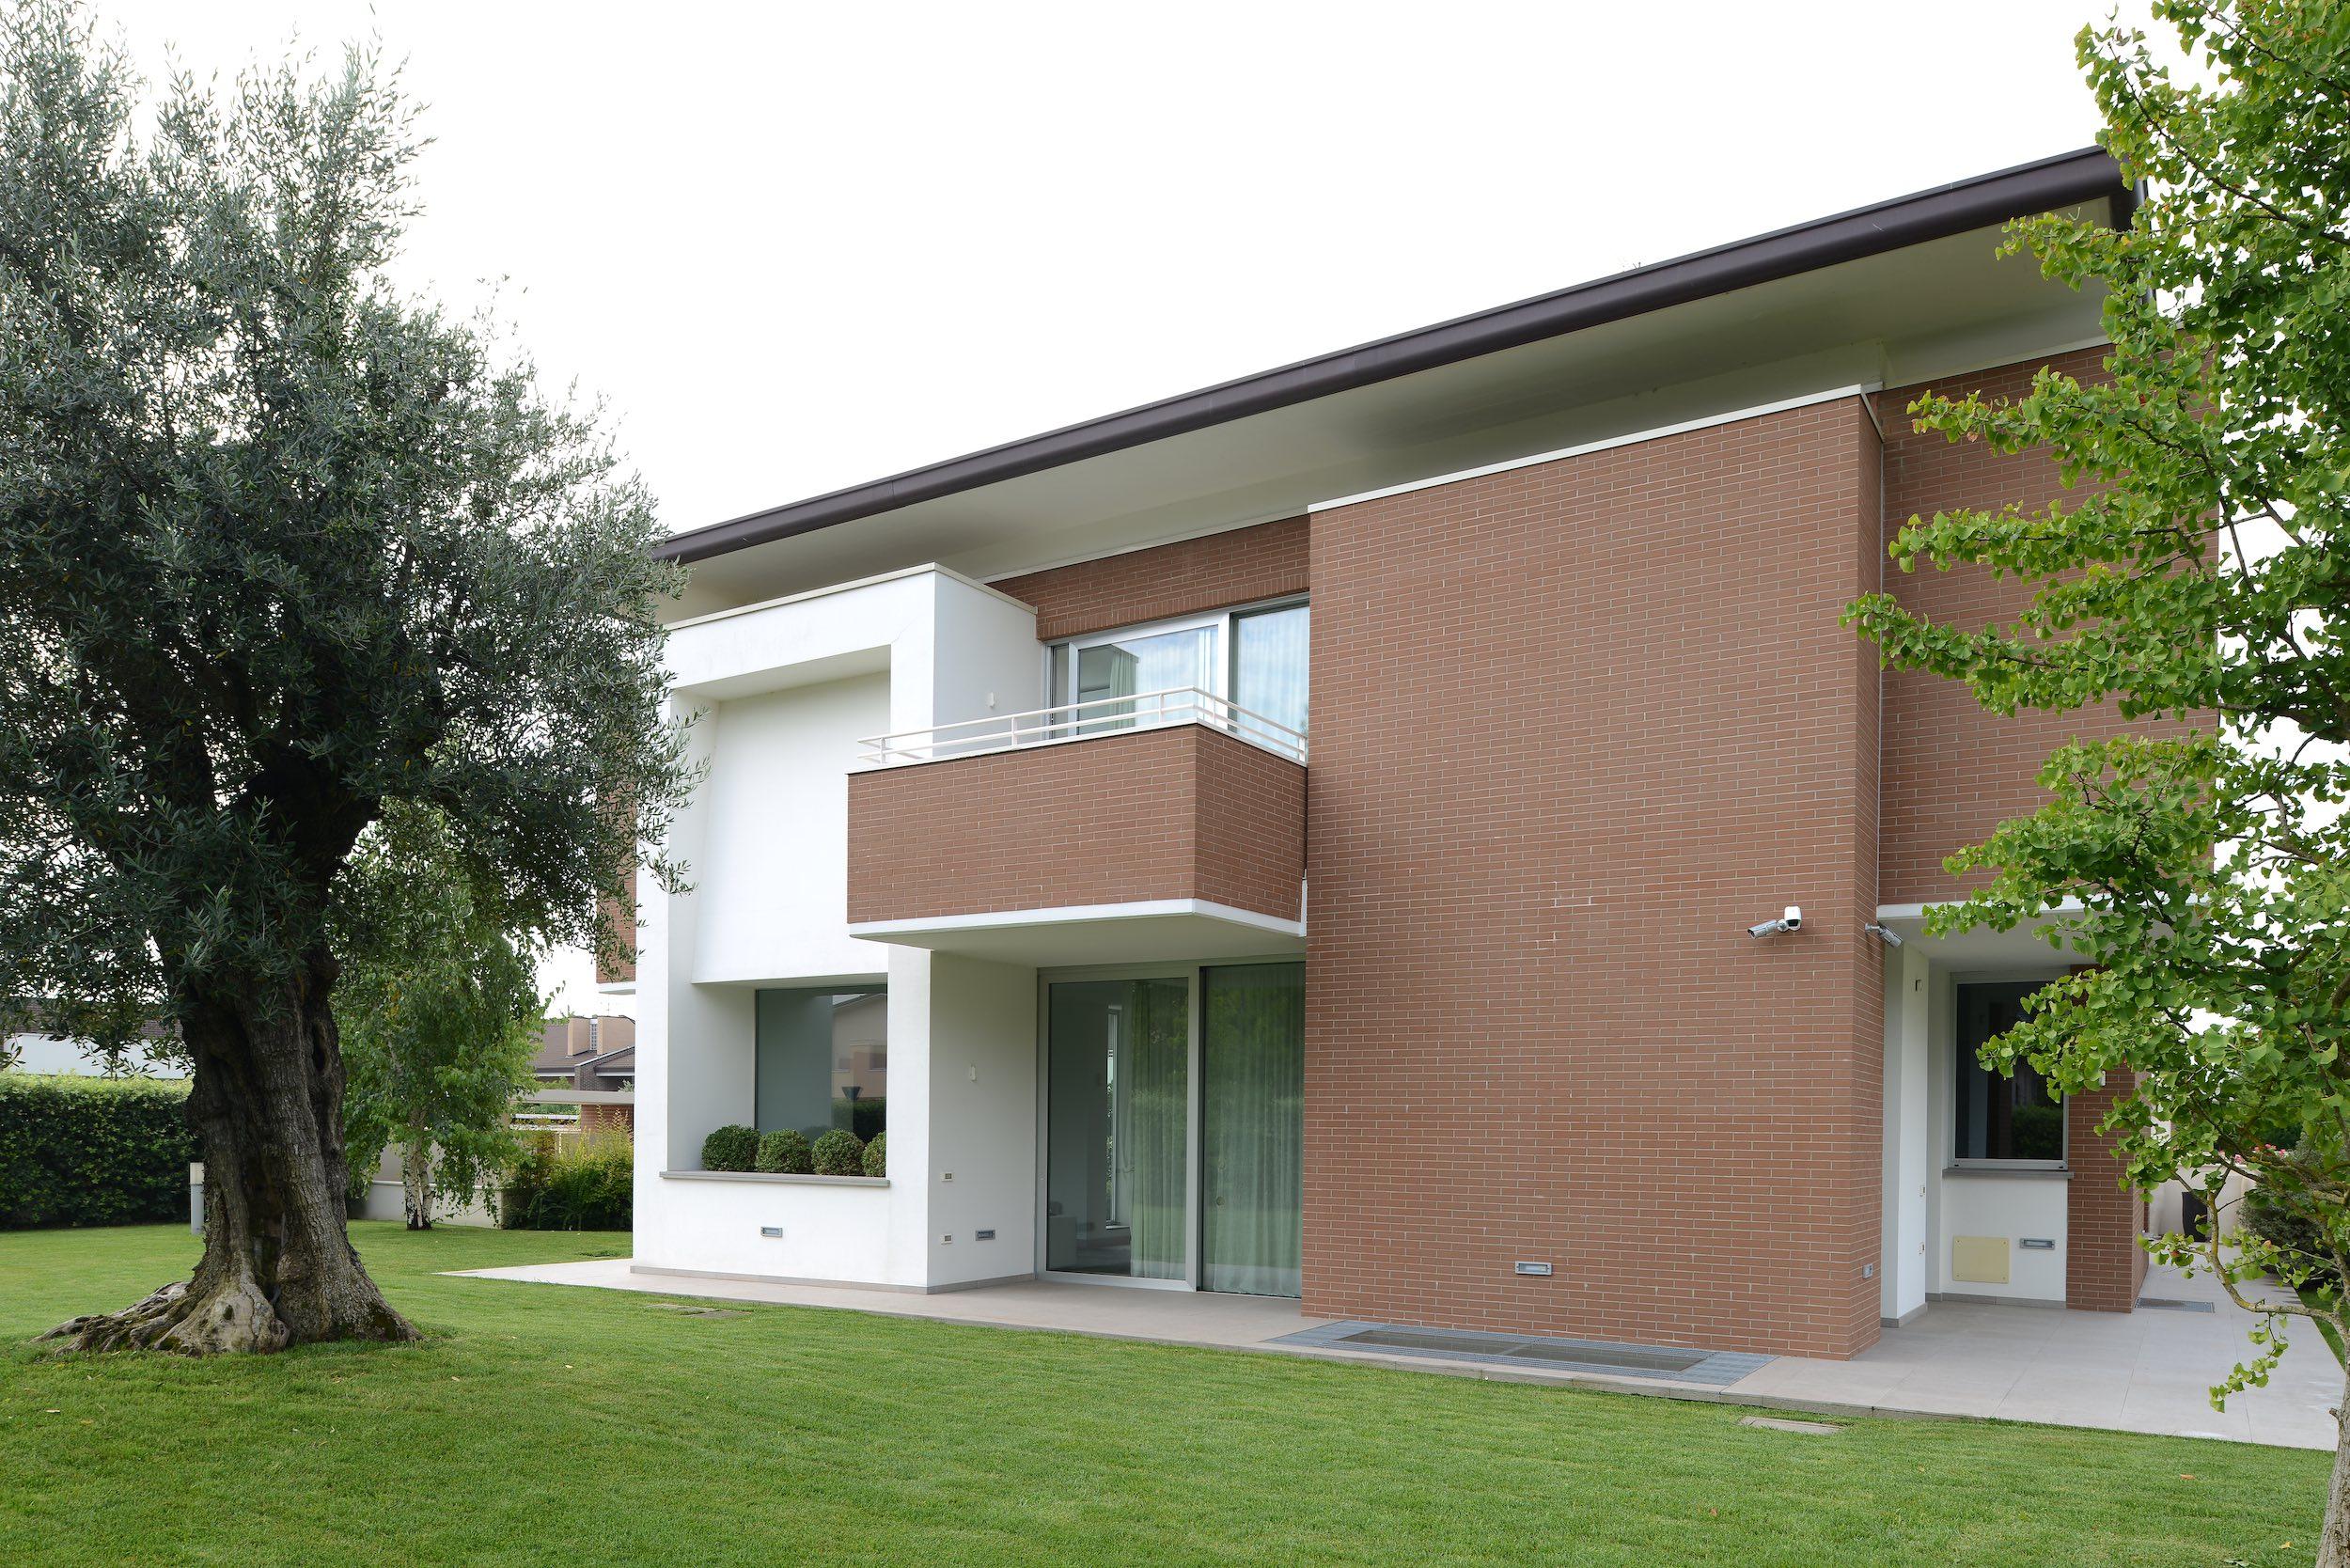 6631 Studio Bacchi Architetti Tura